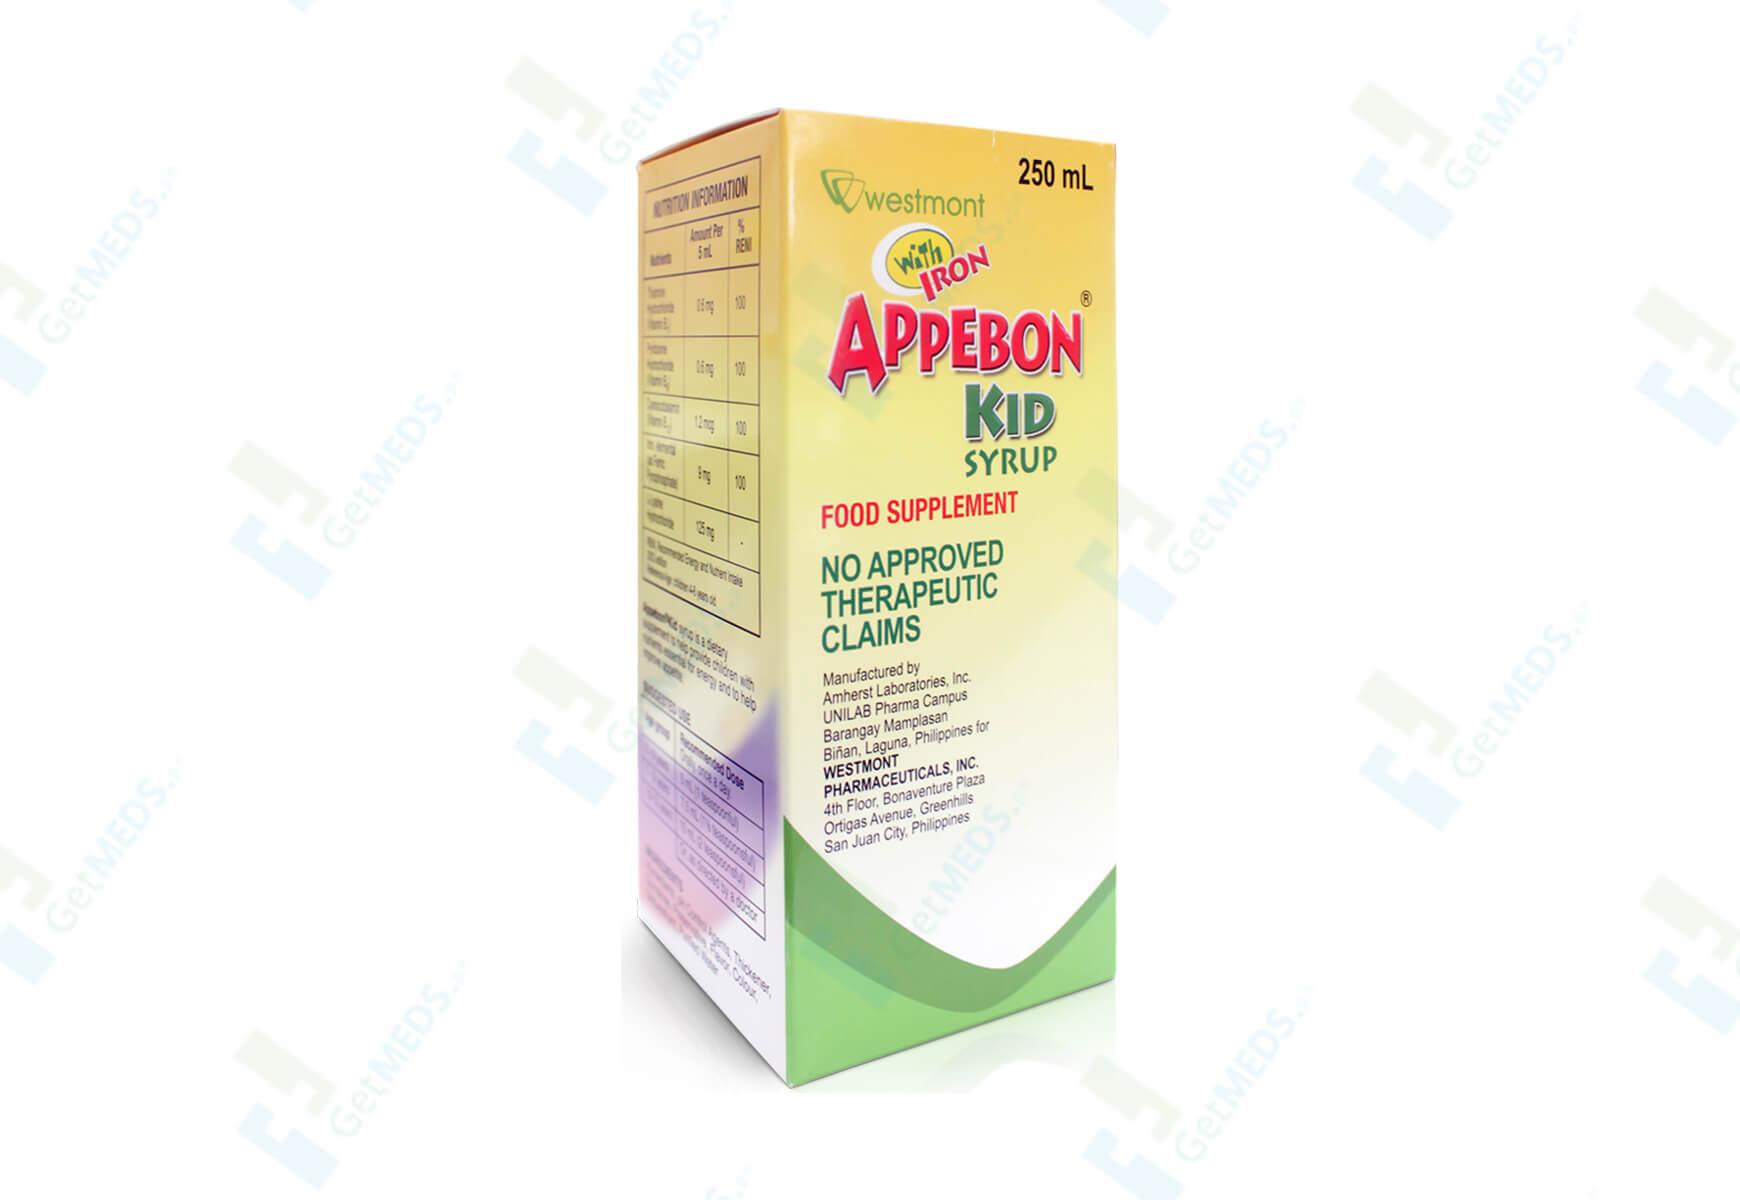 Appebon Kid